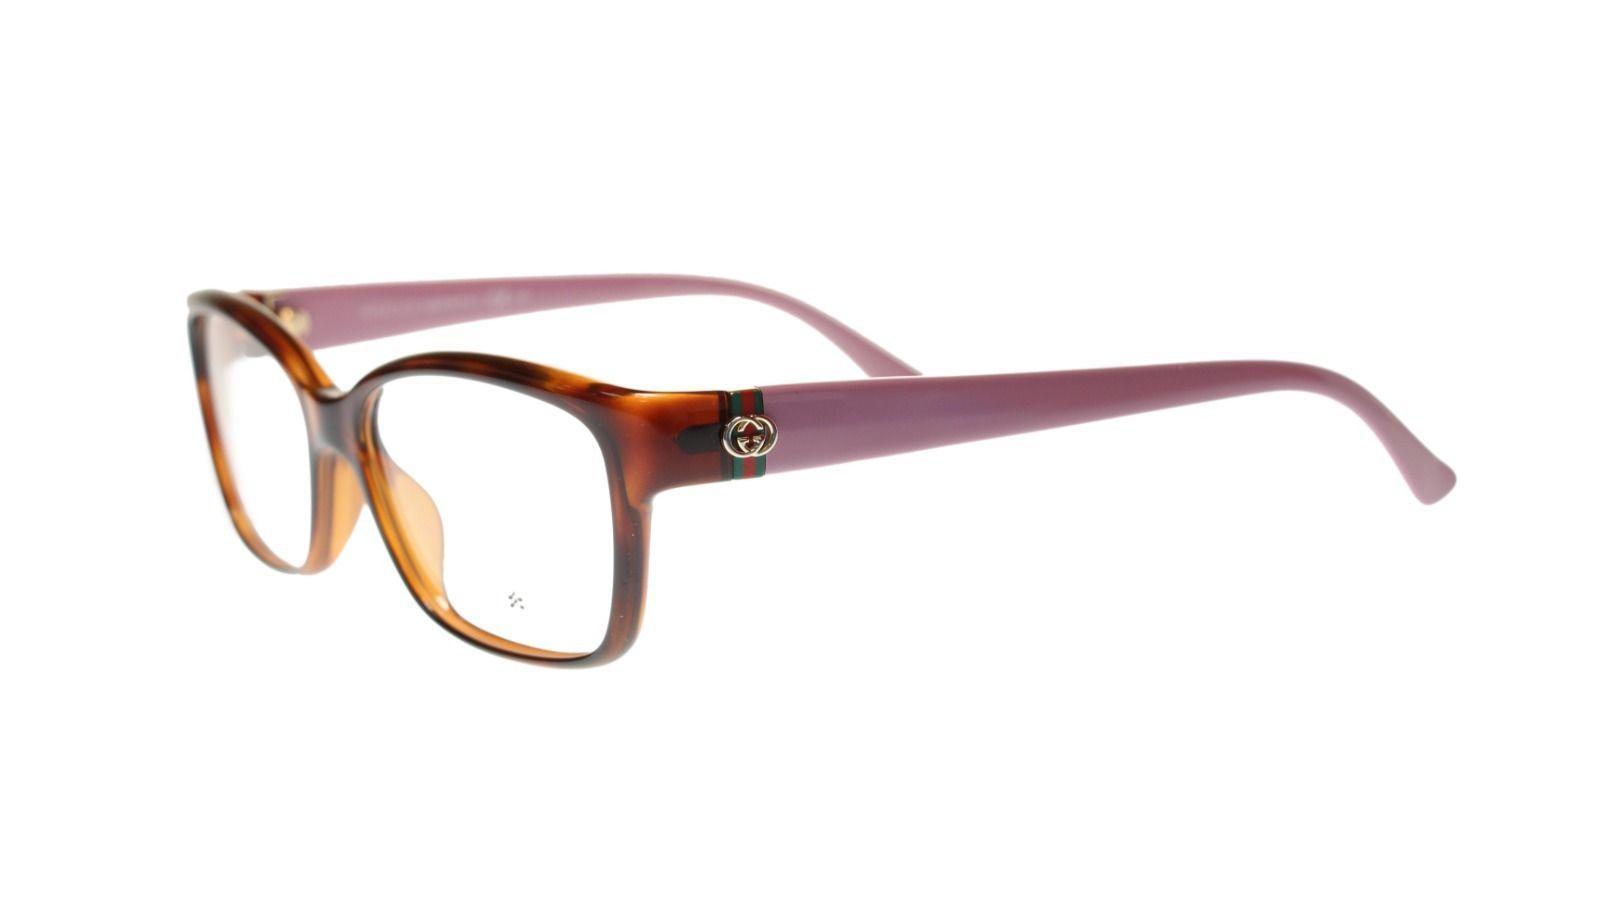 99c3d5e0264 S l1600. S l1600. Previous. Gucci Women s Rectangular Eyeglasses GG3627 CRE  Havana Purple 52mm Authentic